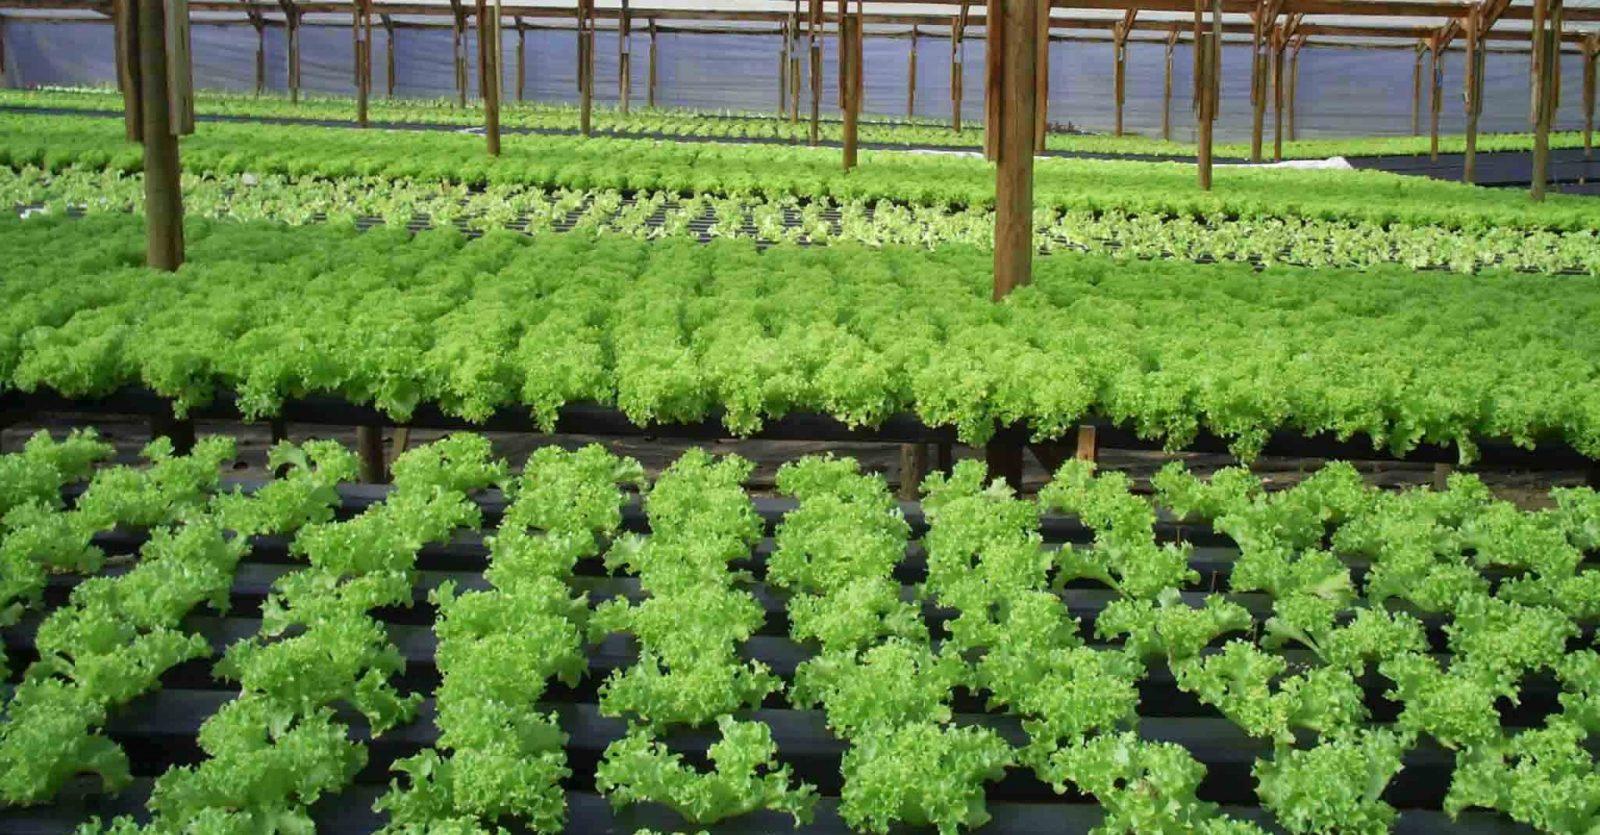 Qu es el cultivo hidrop nico for Que es la asociacion de cultivos